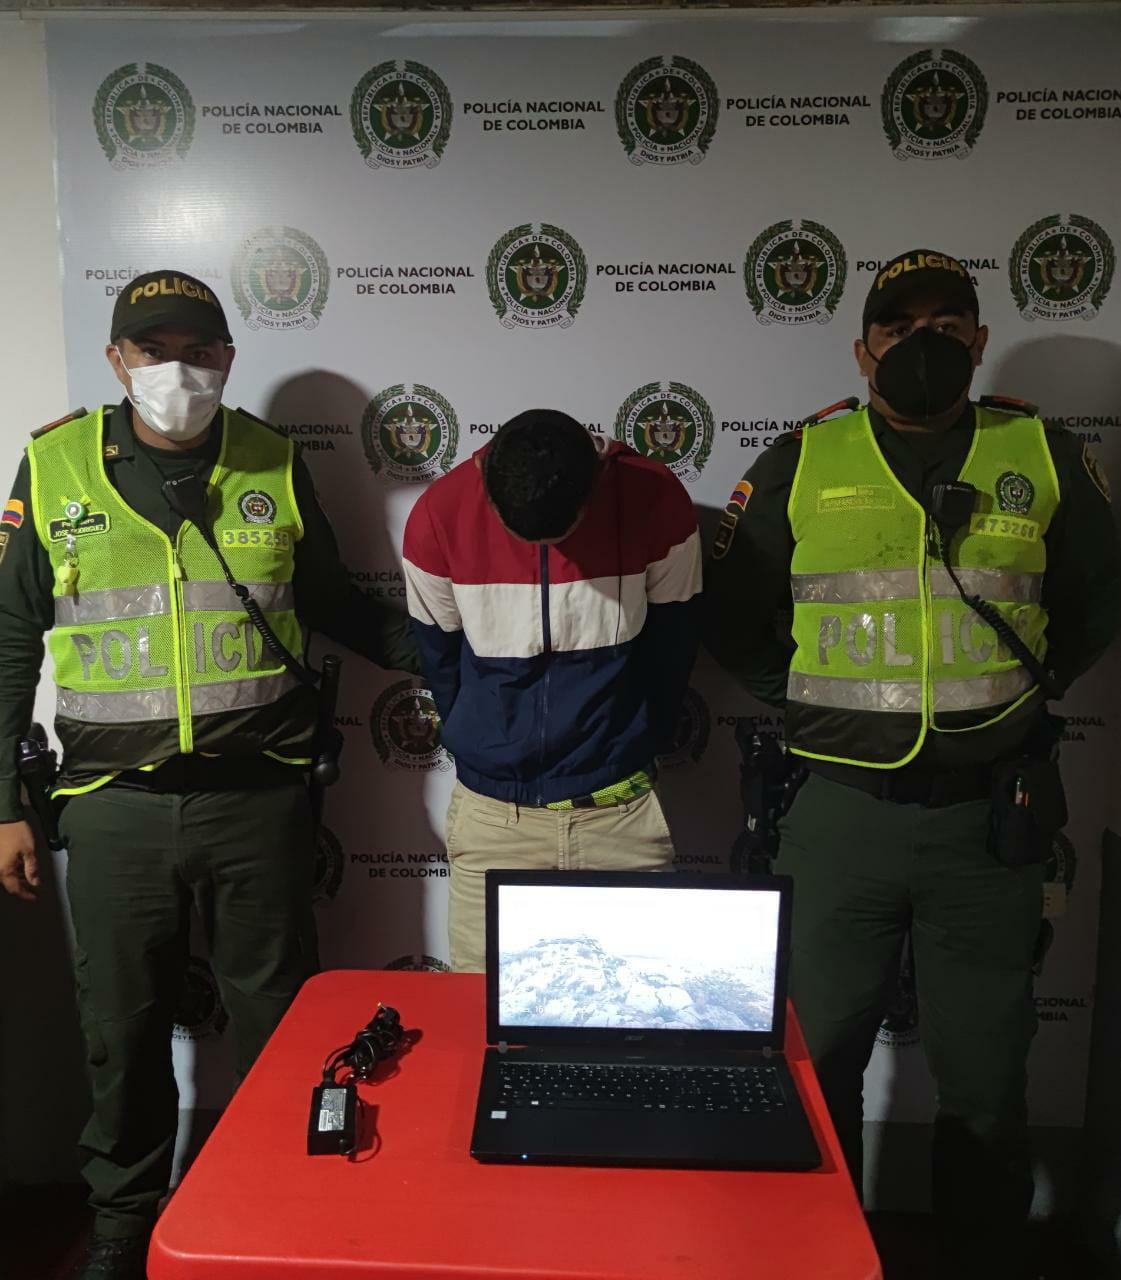 Capturaron al ladrón y raponero del semáforo del Combeima